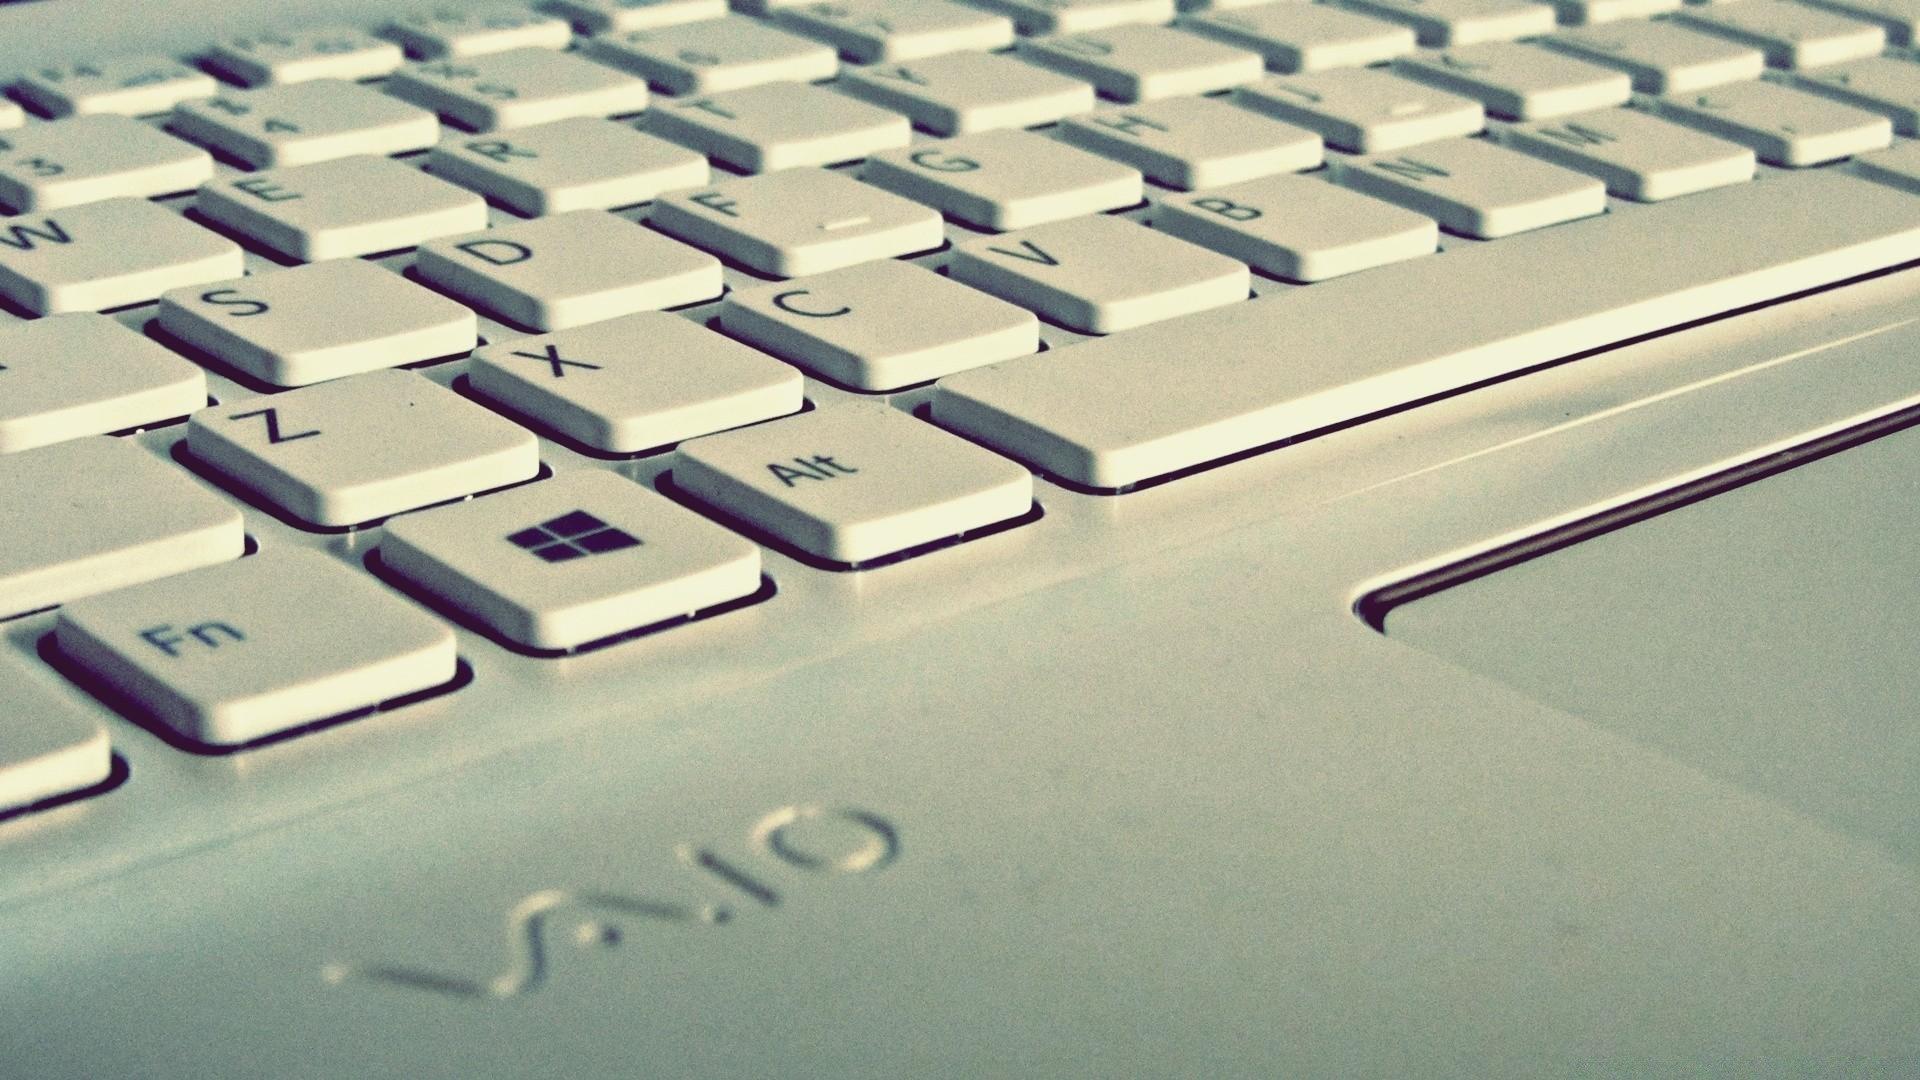 Keyboard Wallpaper Picture hd